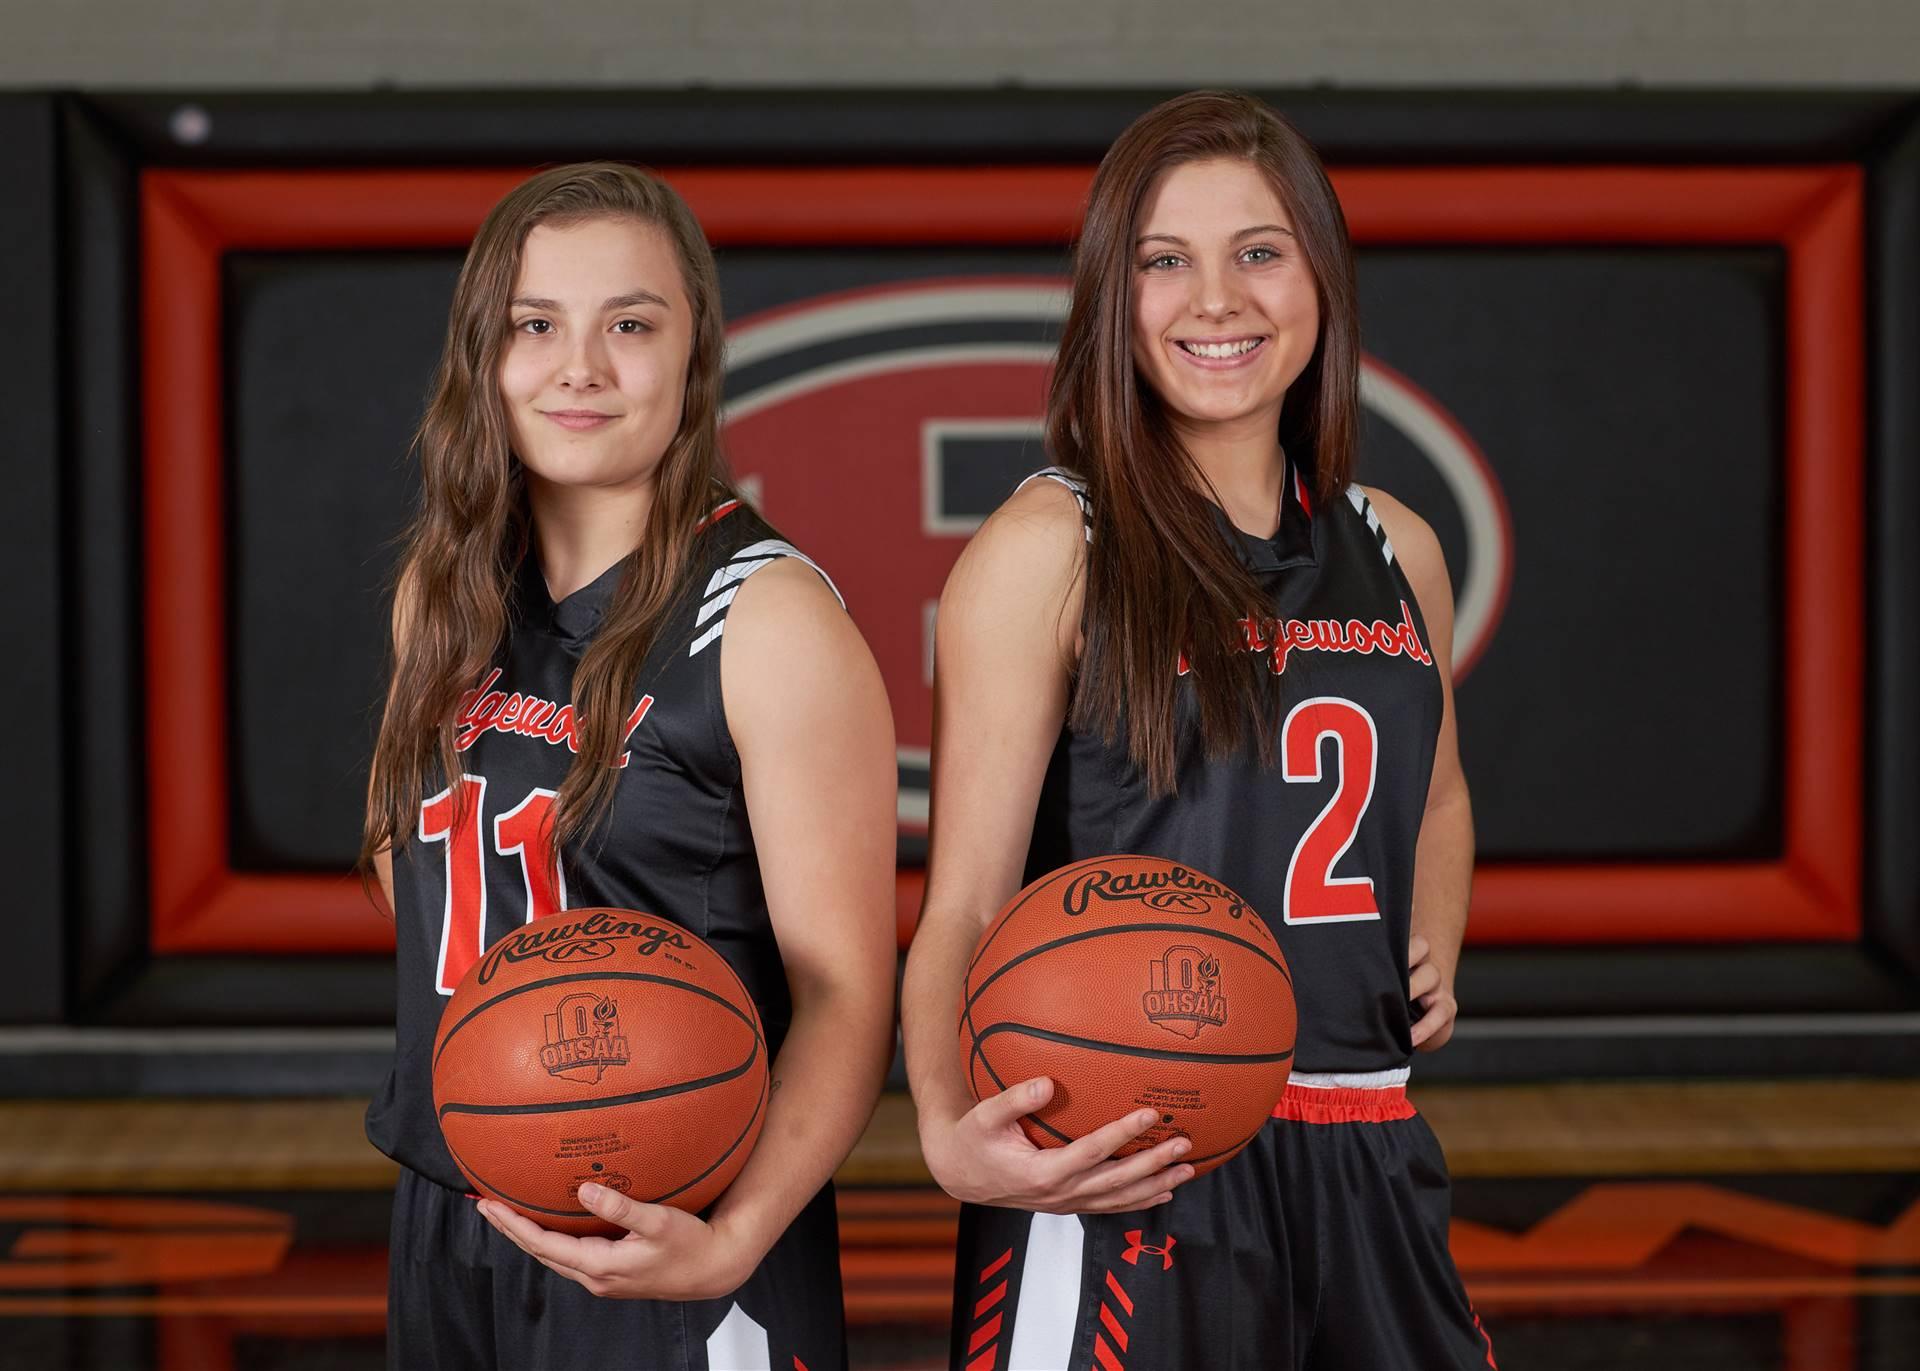 HS Girls Basketball - Returning Letterman